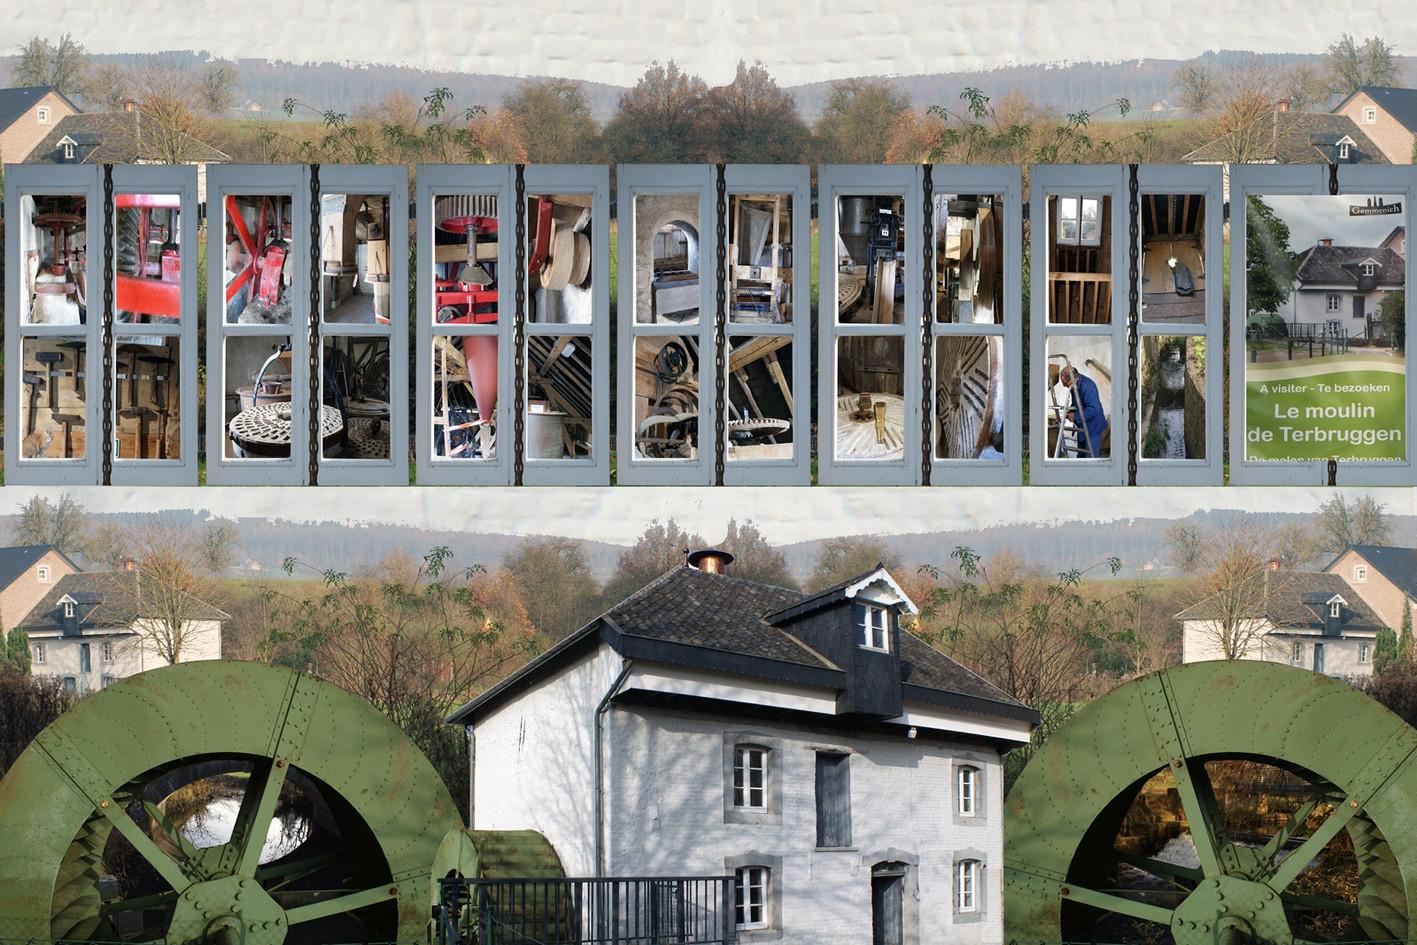 Moulin Terbruggen2petit.jpg